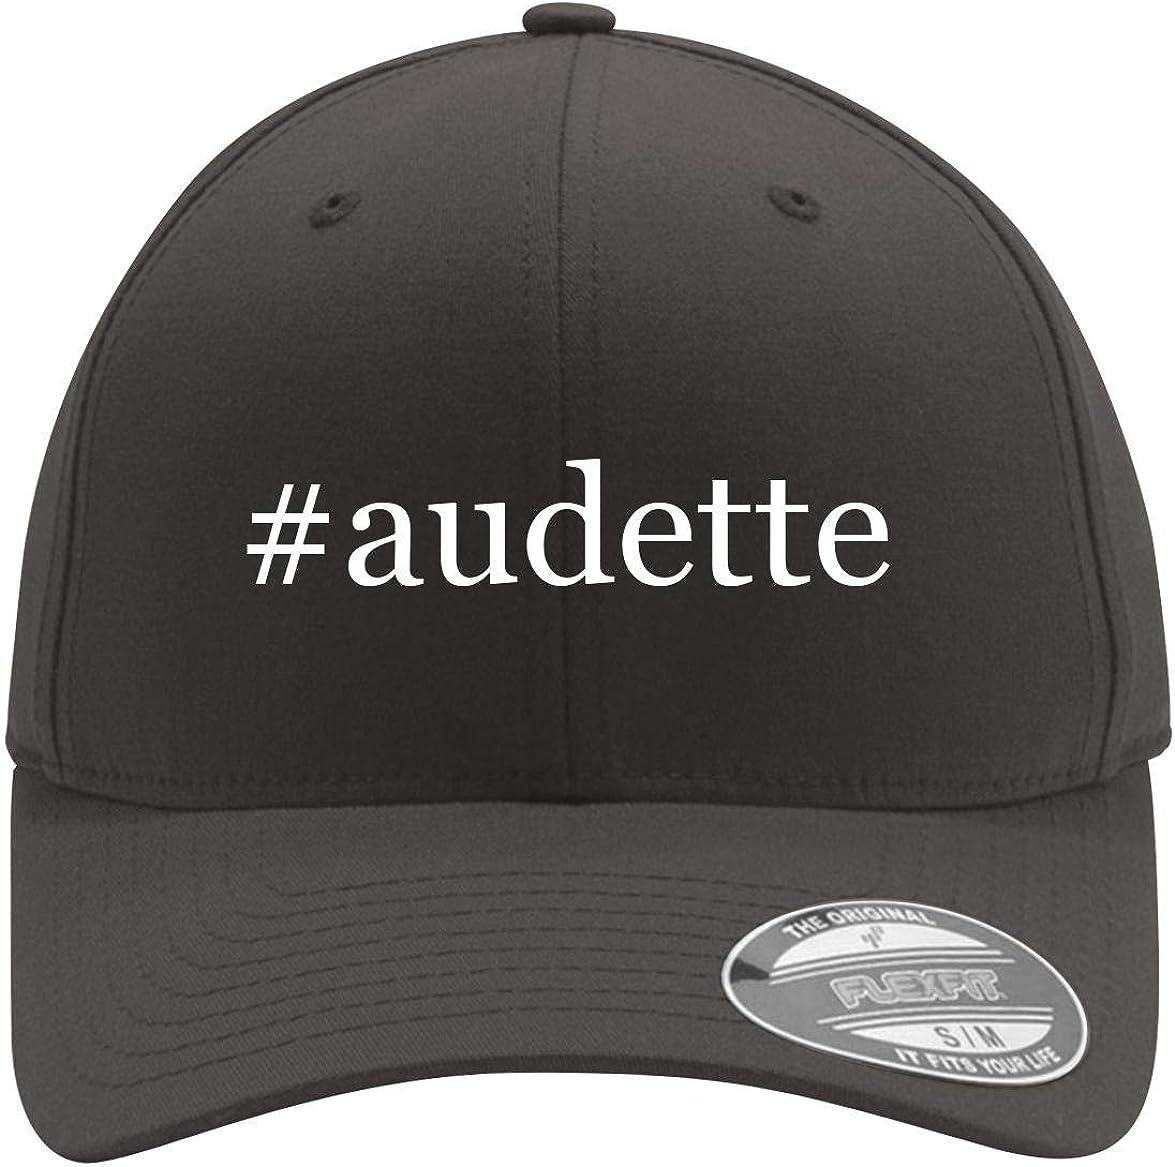 #audette - Adult Men's Hashtag Flexfit Baseball Hat Cap